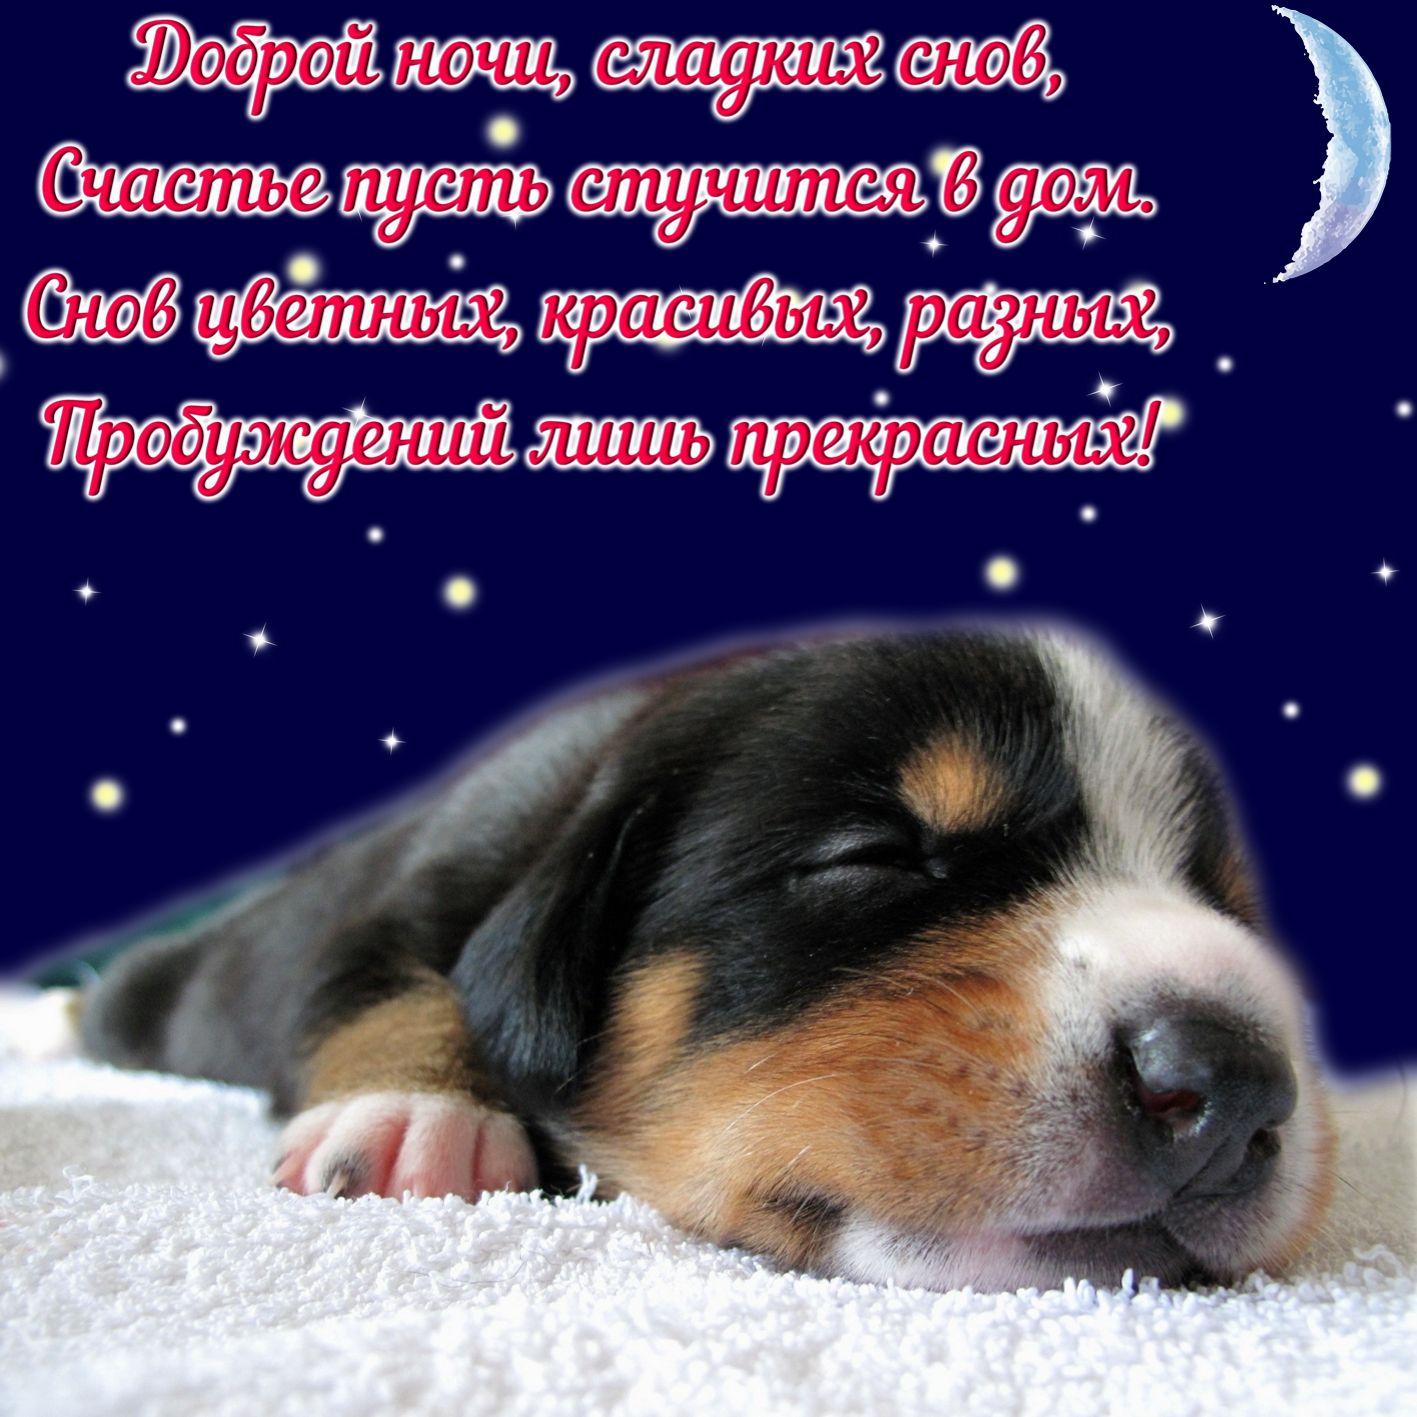 Самый лучший открытки спокойной ночи